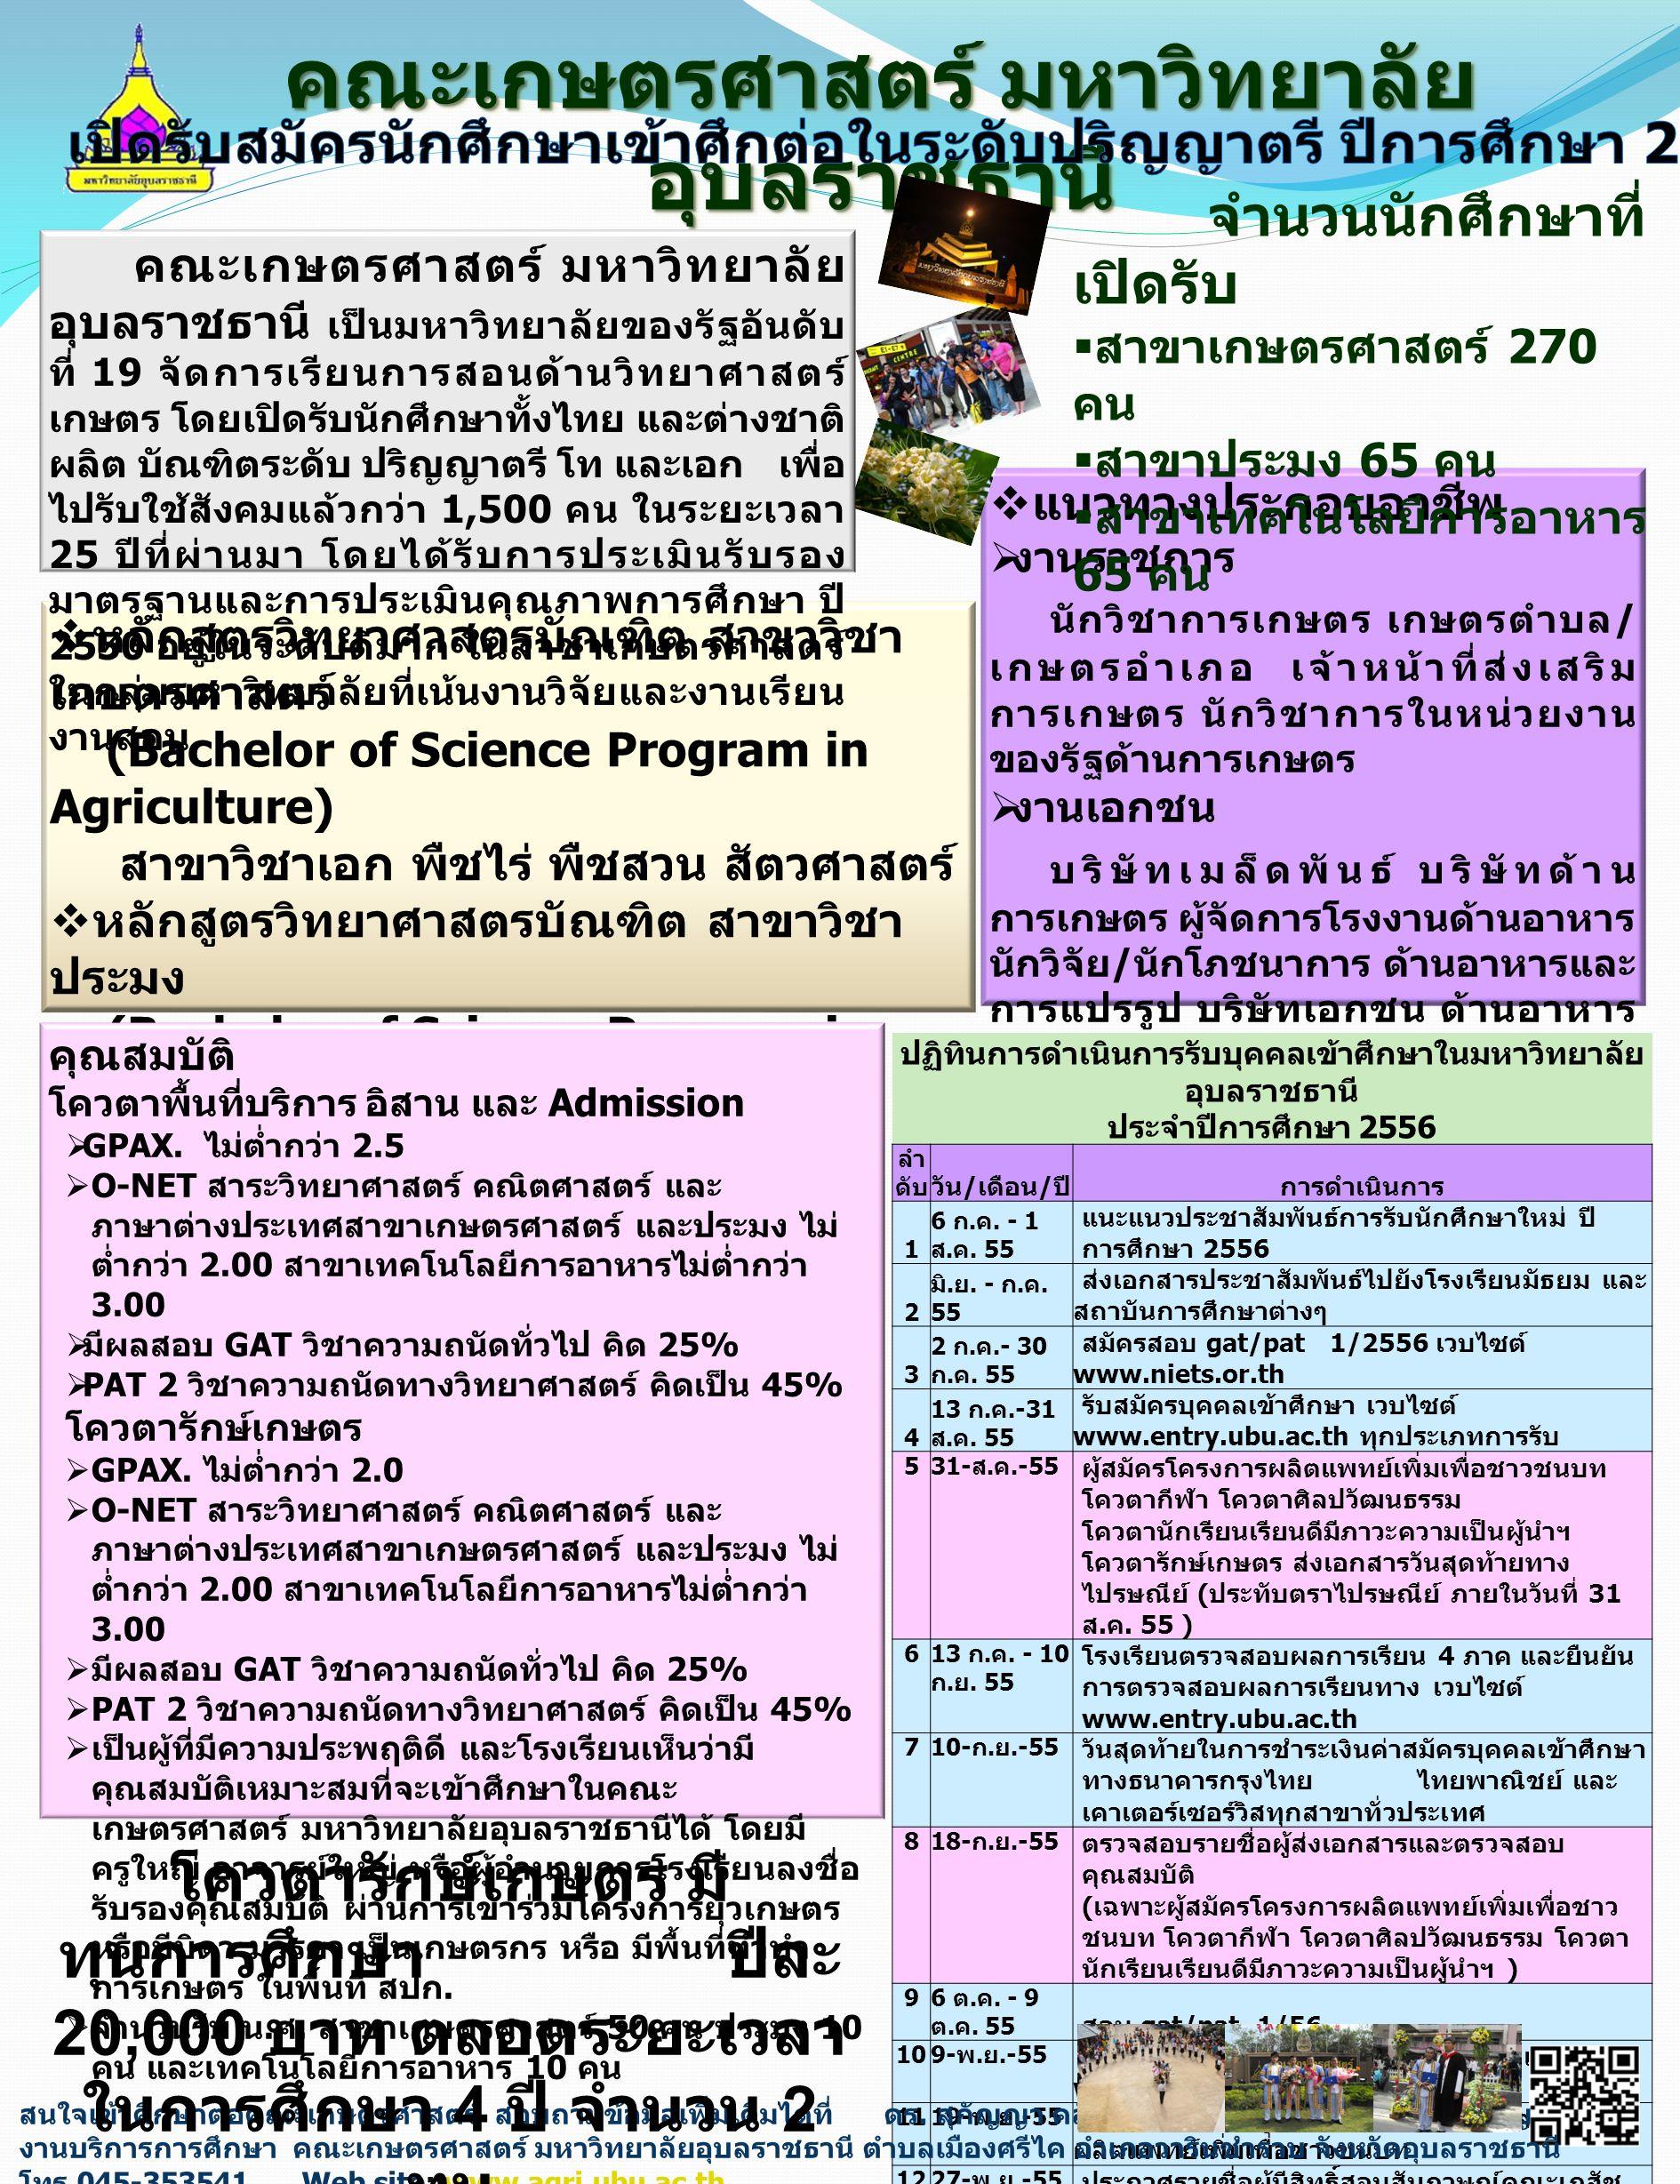  หลักสูตรวิทยาศาสตรบัณฑิต สาขาวิชา เกษตรศาสตร์ (Bachelor of Science Program in Agriculture) สาขาวิชาเอก พืชไร่ พืชสวน สัตวศาสตร์  หลักสูตรวิทยาศาสตรบัณฑิต สาขาวิชา ประมง (Bachelor of Science Program in Fishery)  หลักสูตรวิทยาศาสตรบัณฑิต สาขา เทคโนโลยีการอาหาร (Bachelor of Science Program in Food Technology) คณะเกษตรศาสตร์ มหาวิทยาลัย อุบลราชธานี  แนวทางประกอบอาชีพ  งานราชการ นักวิชาการเกษตร เกษตรตำบล / เกษตรอำเภอ เจ้าหน้าที่ส่งเสริม การเกษตร นักวิชาการในหน่วยงาน ของรัฐด้านการเกษตร  งานเอกชน บริษัทเมล็ดพันธ์ บริษัทด้าน การเกษตร ผู้จัดการโรงงานด้านอาหาร นักวิจัย / นักโภชนาการ ด้านอาหารและ การแปรรูป บริษัทเอกชน ด้านอาหาร สัตว์  ประกอบอาชีพอิสระ เป็นเจ้าของ ธุรกิจทางการเกษตร จำนวนนักศึกษาที่ เปิดรับ  สาขาเกษตรศาสตร์ 270 คน  สาขาประมง 65 คน  สาขาเทคโนโลยีการอาหาร 65 คน คุณสมบัติ โควตาพื้นที่บริการ อิสาน และ Admission  GPAX.